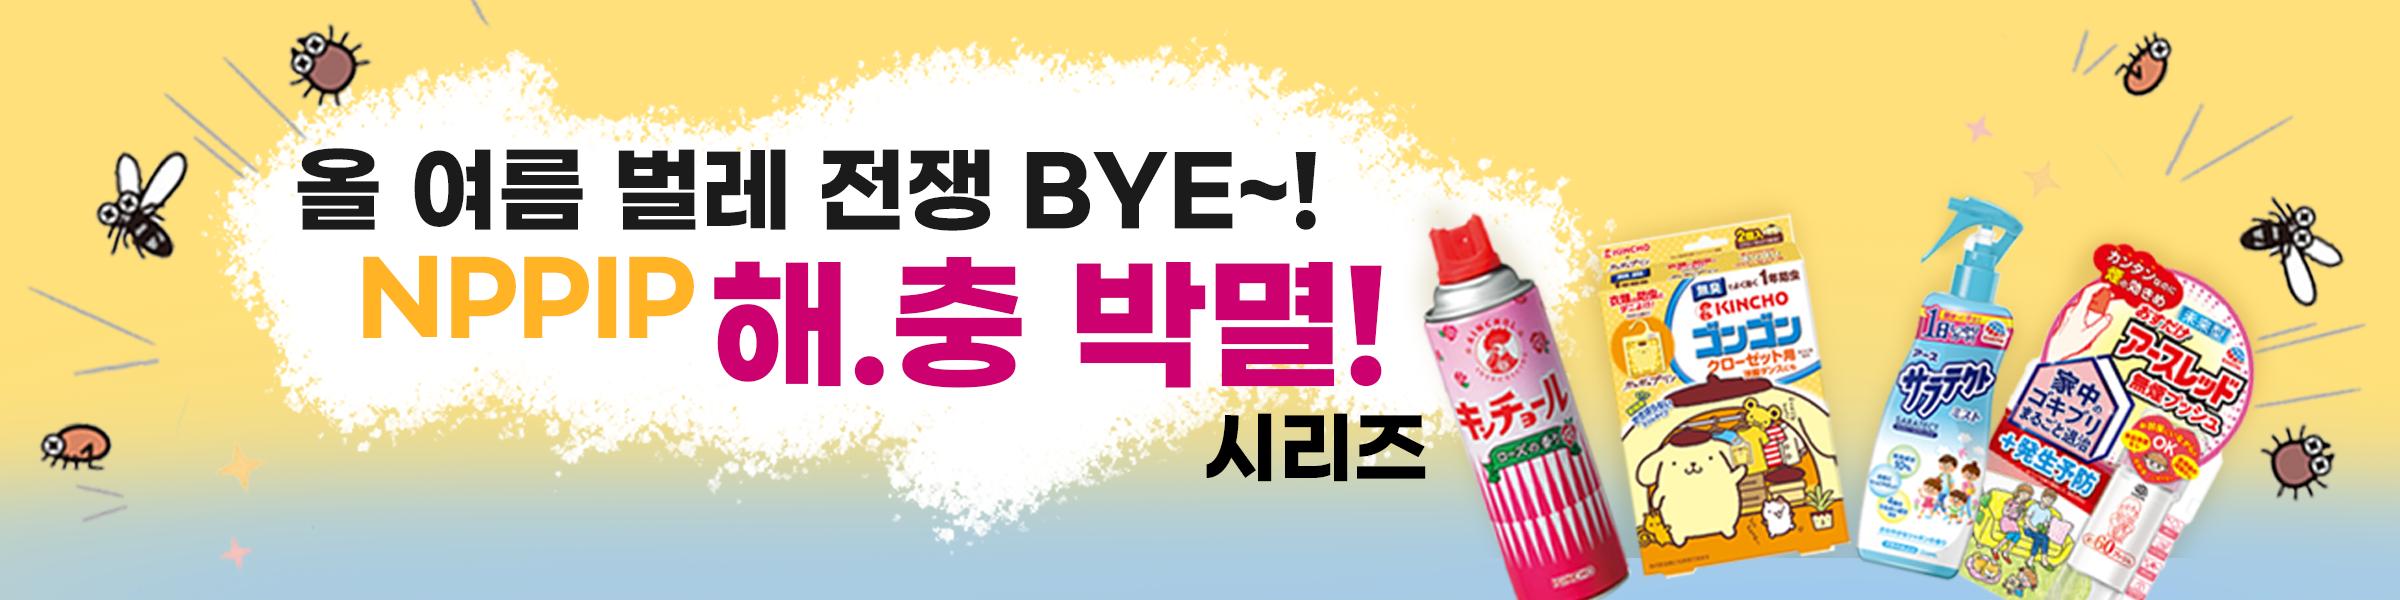 엔핍으로 올 여름 벌래는 Bye! 해충박멸 시리즈